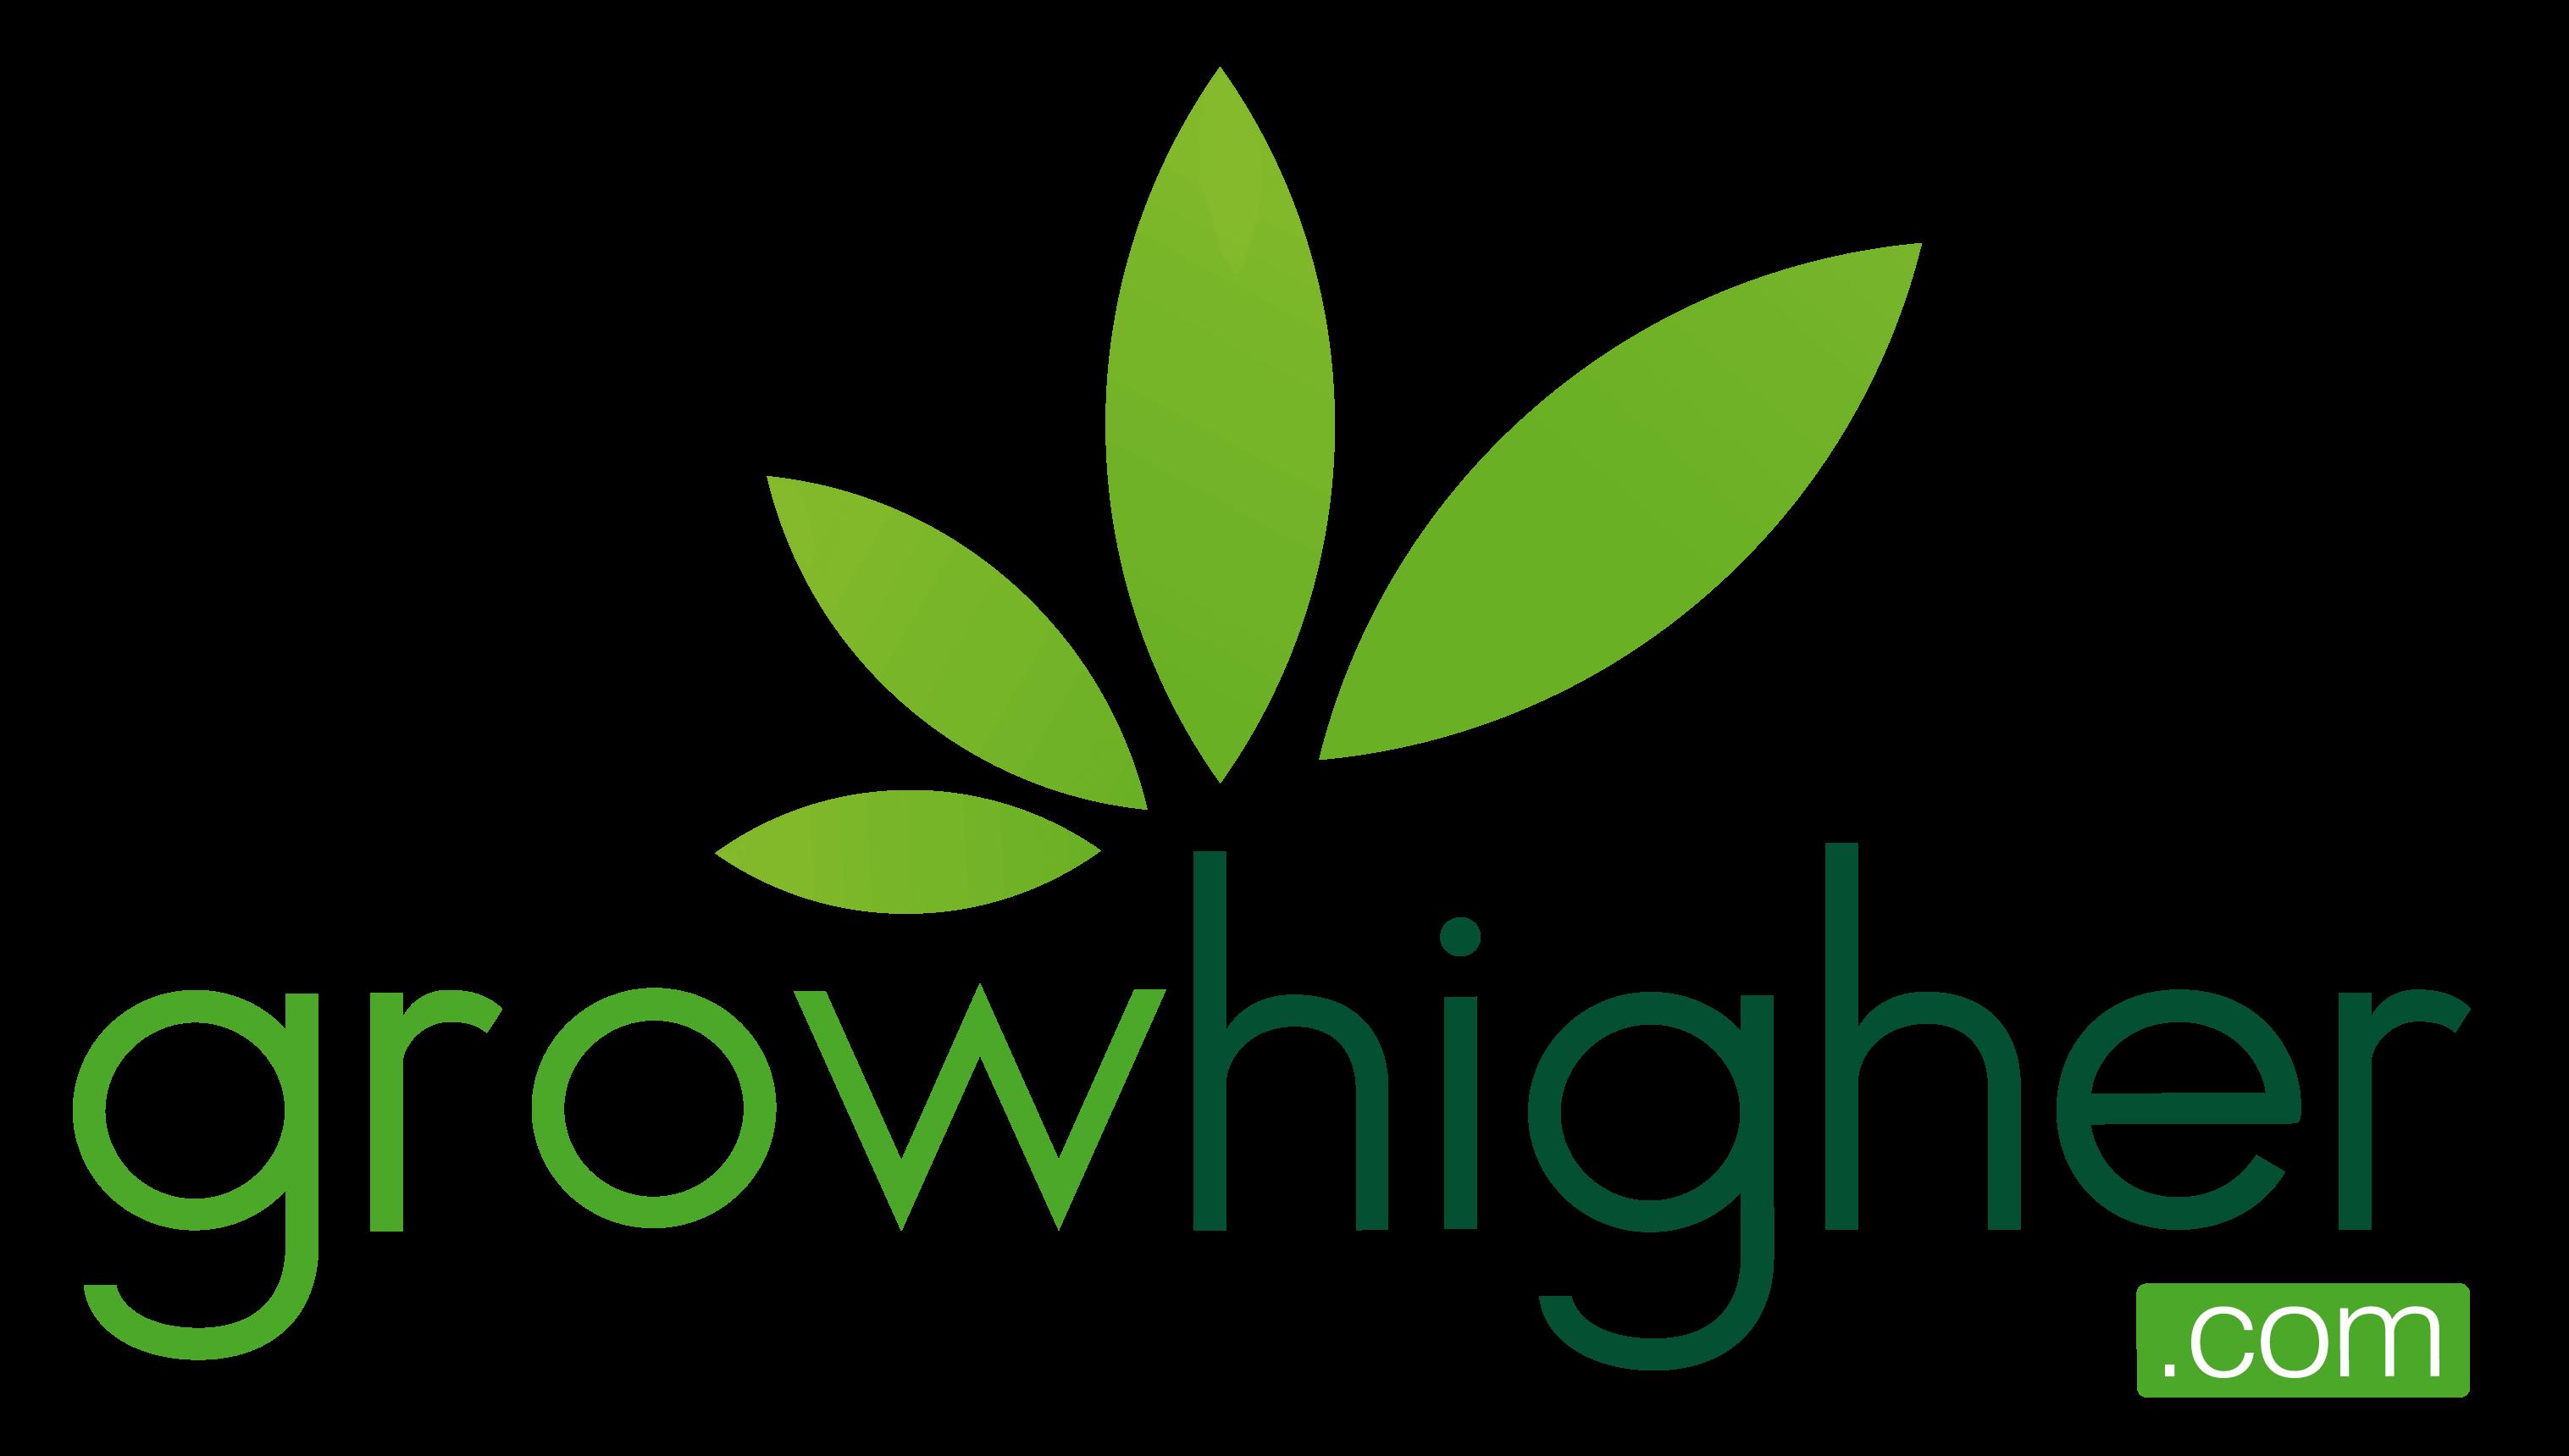 GrowHigher.com